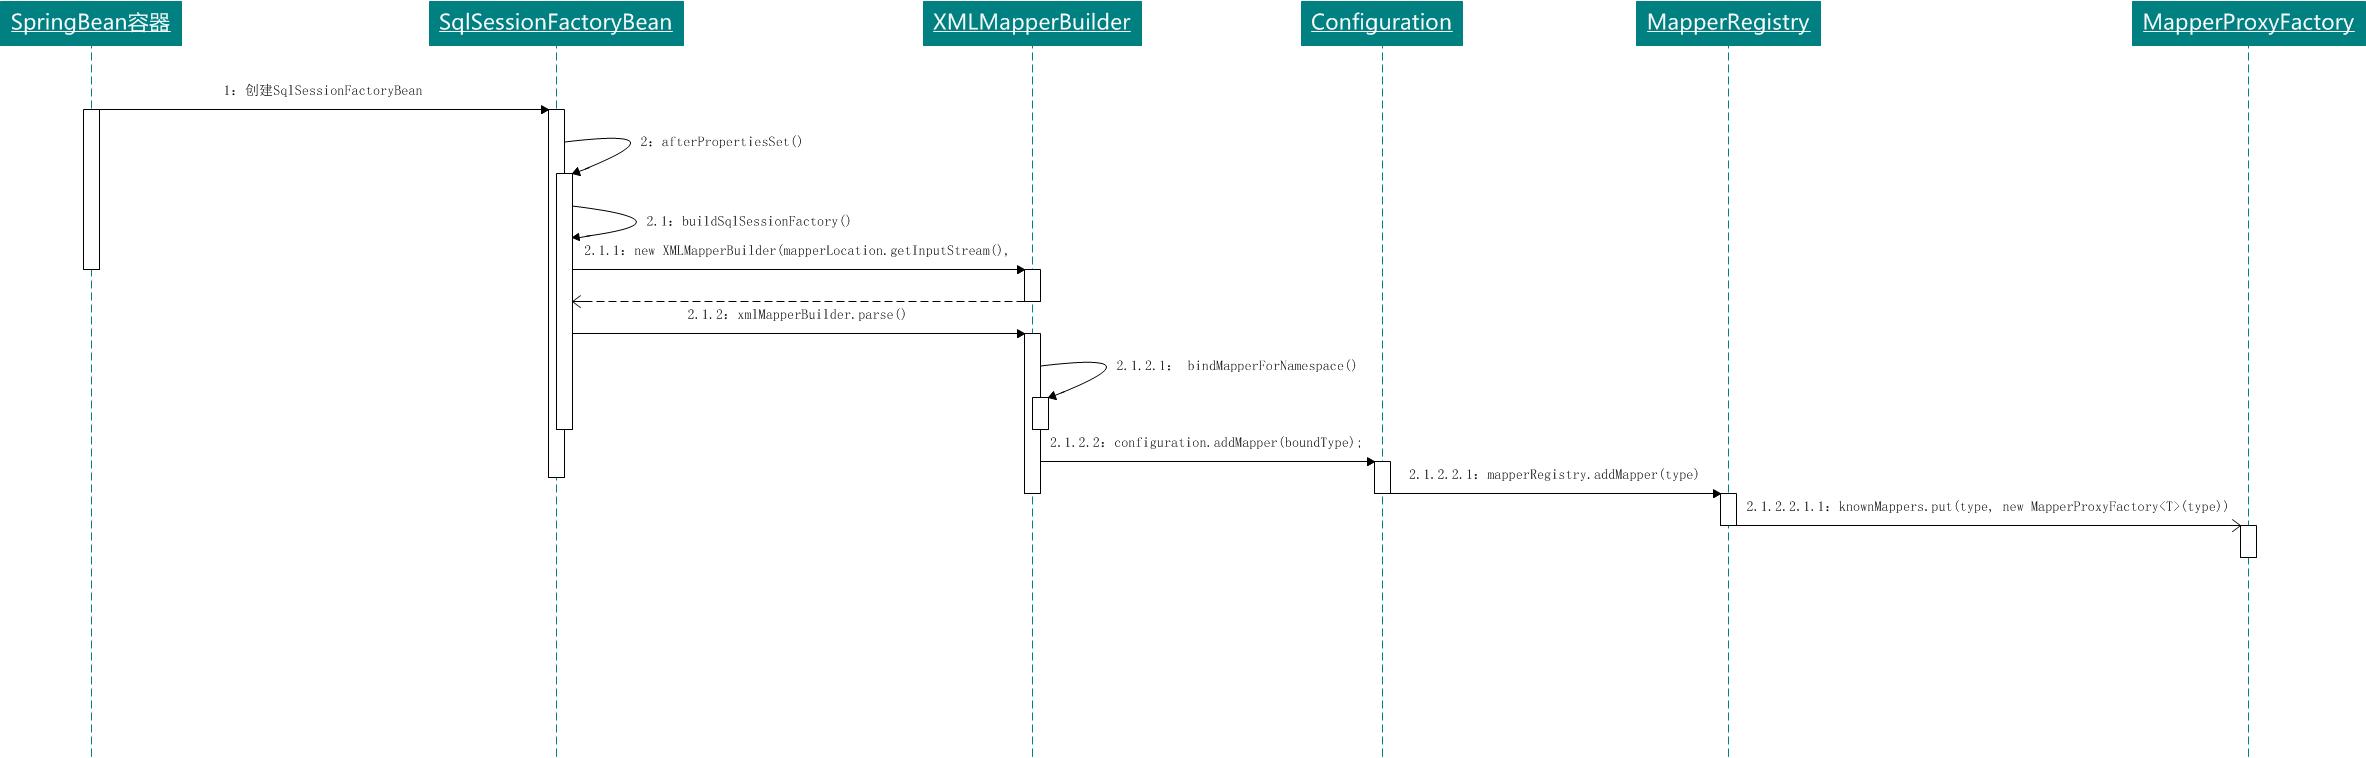 微信公众号:bugstack虫洞栈 & SqlSessionFactoryBean初始化流程